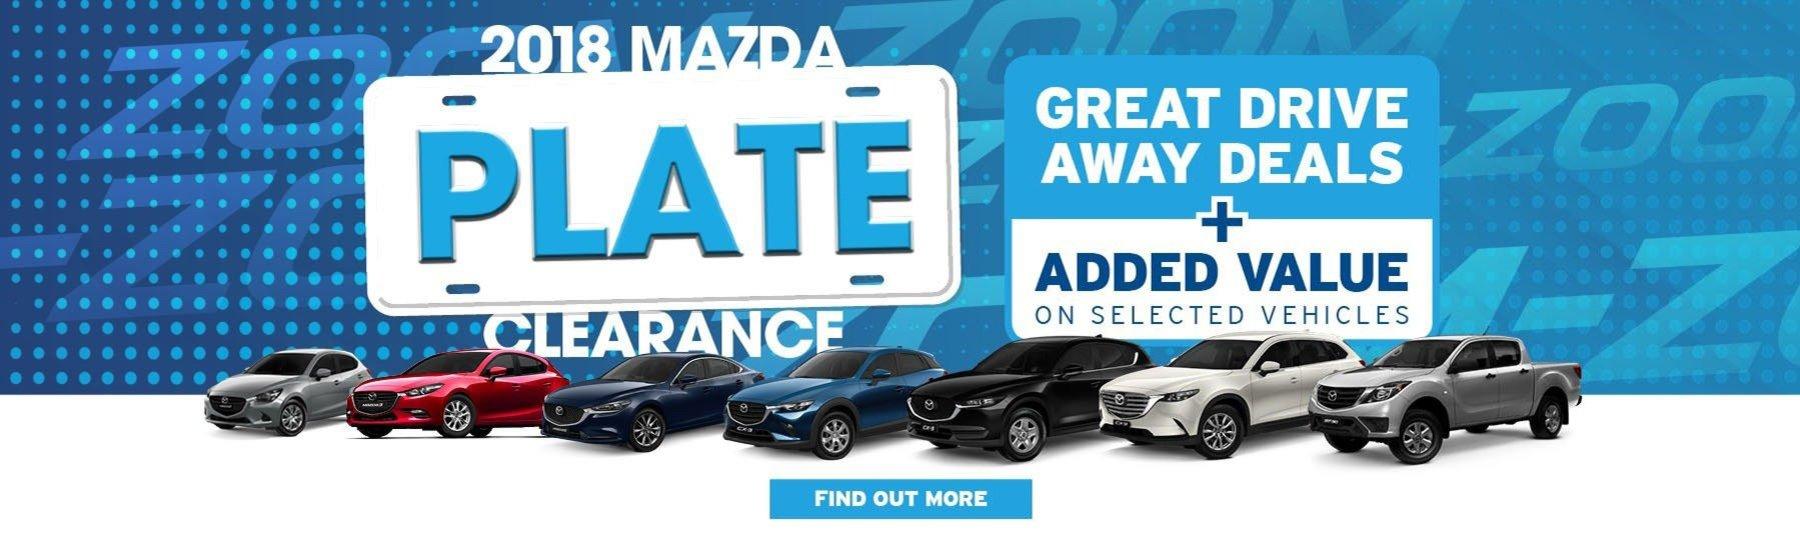 Rockdale Mazda - Plate Clearance